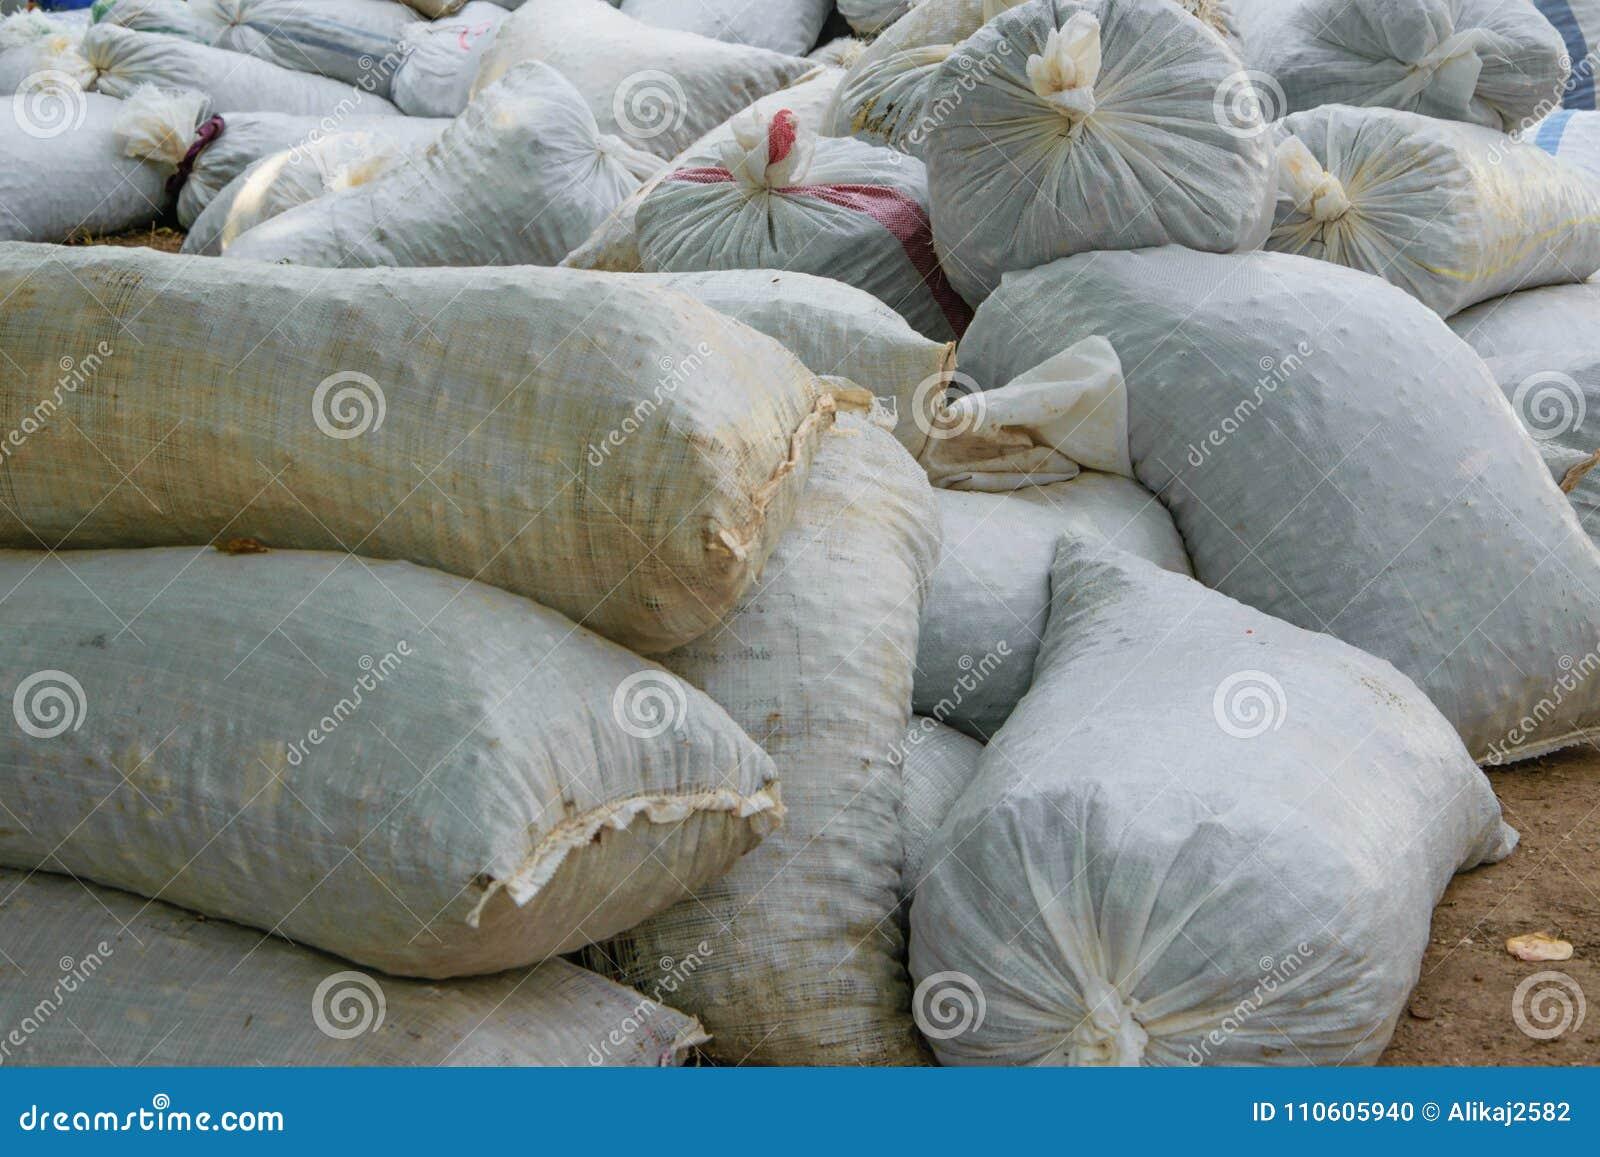 Пенька sacks вполне продуктов сбора аккумулированных на том основании